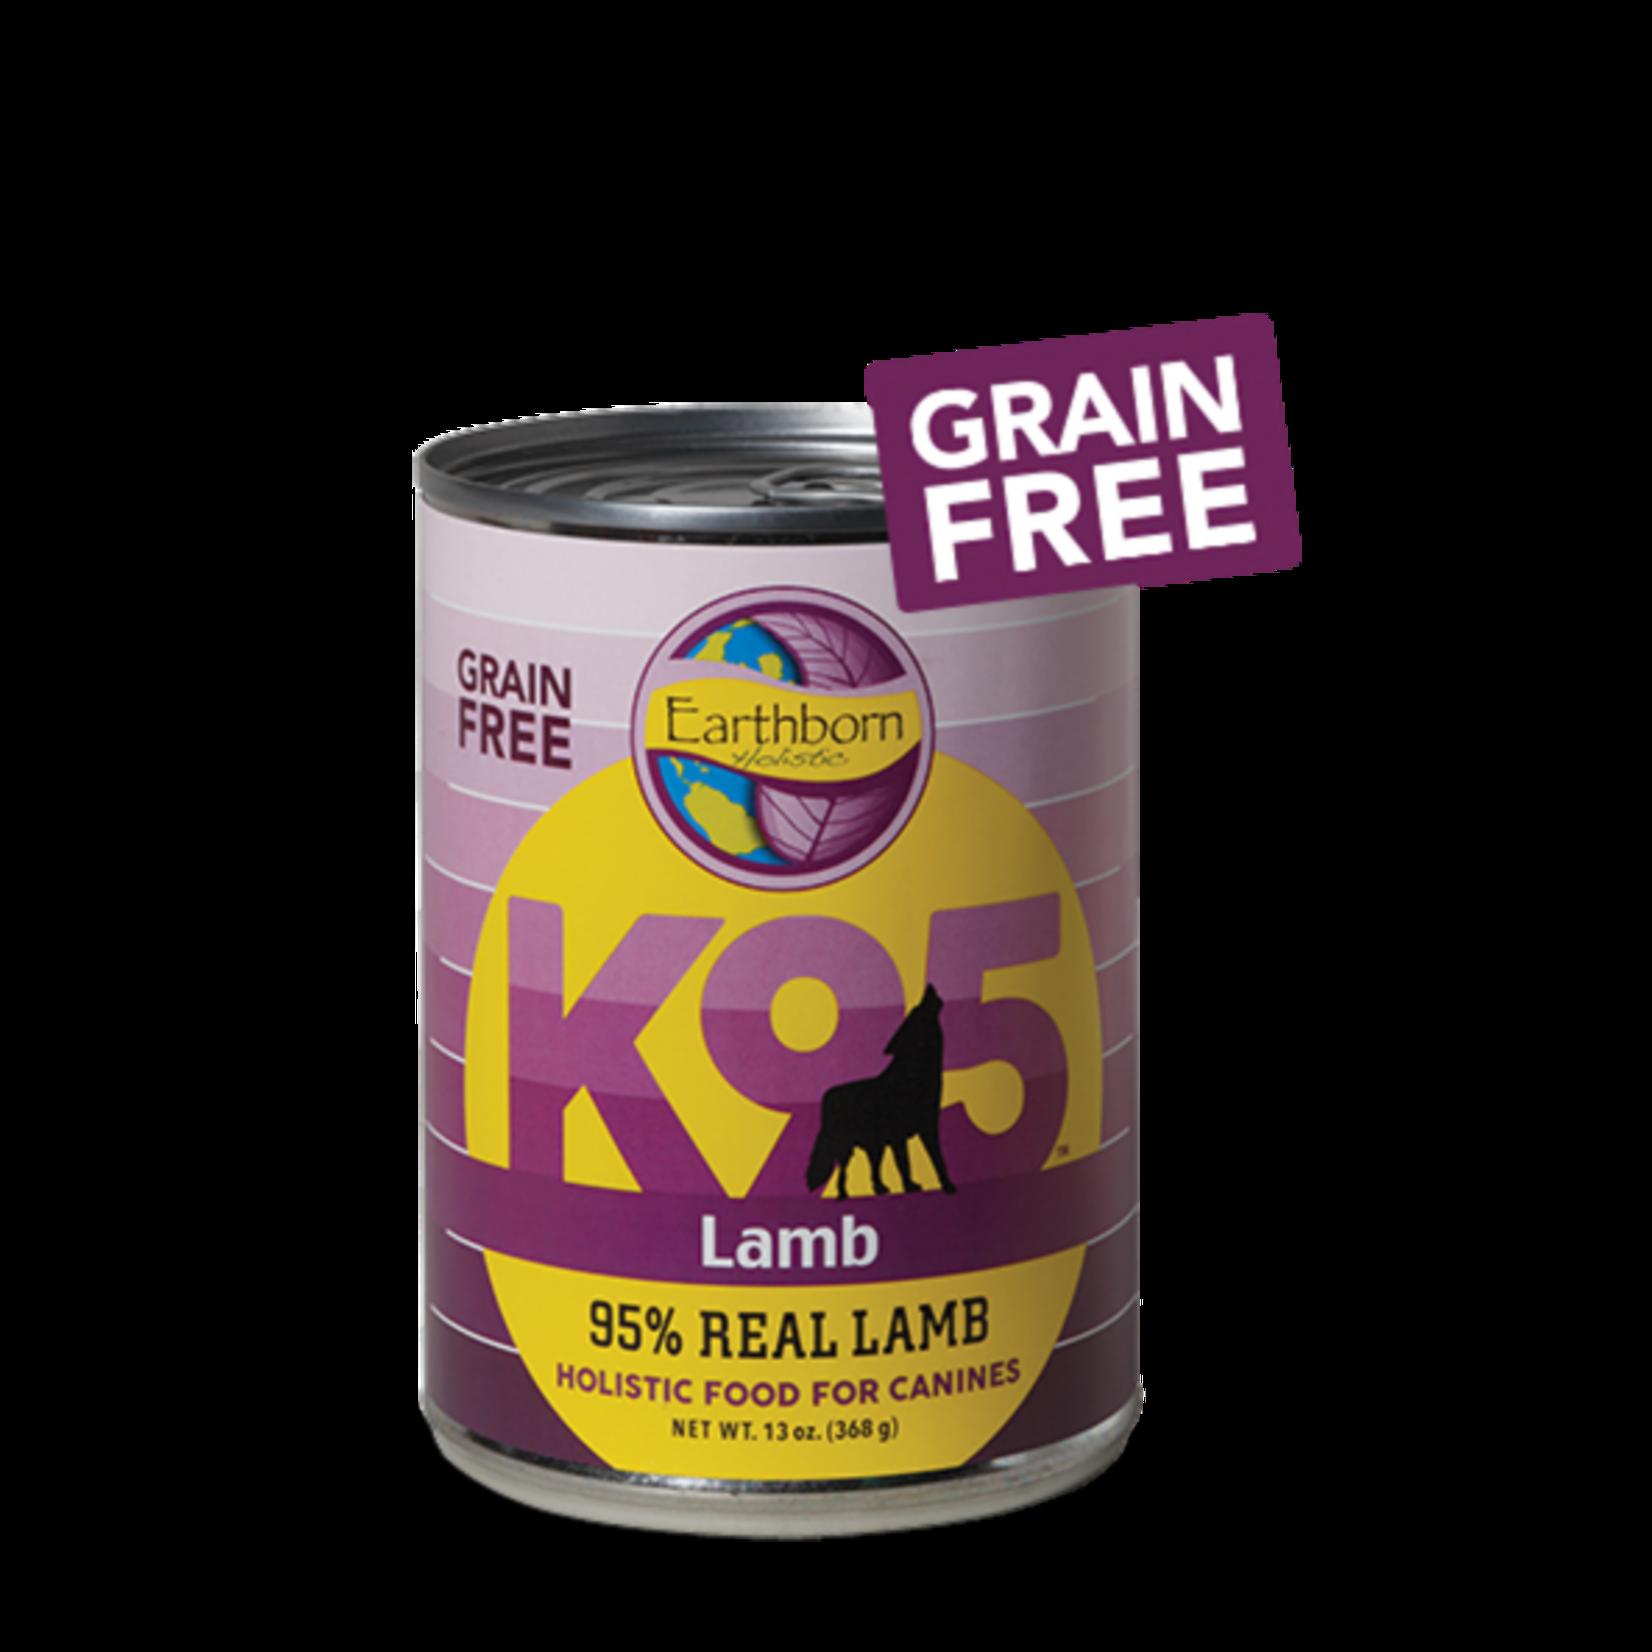 Earthborn Earthborn K95 Lamb Pâté Canned Dog Food 13oz